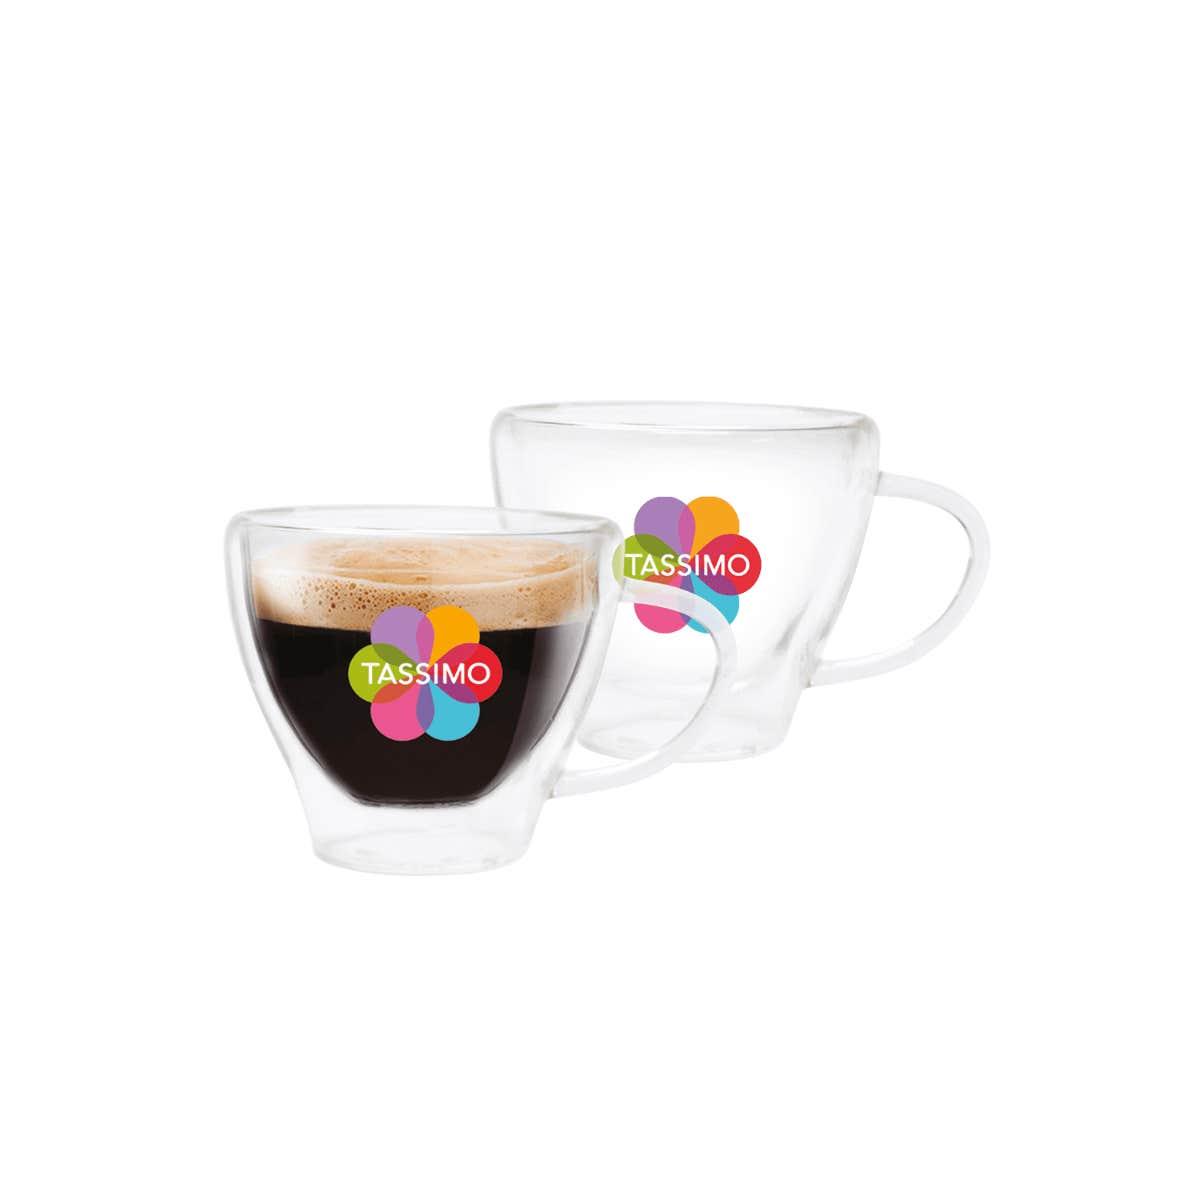 TASSIMO Espresso Gläser, 2er-Set